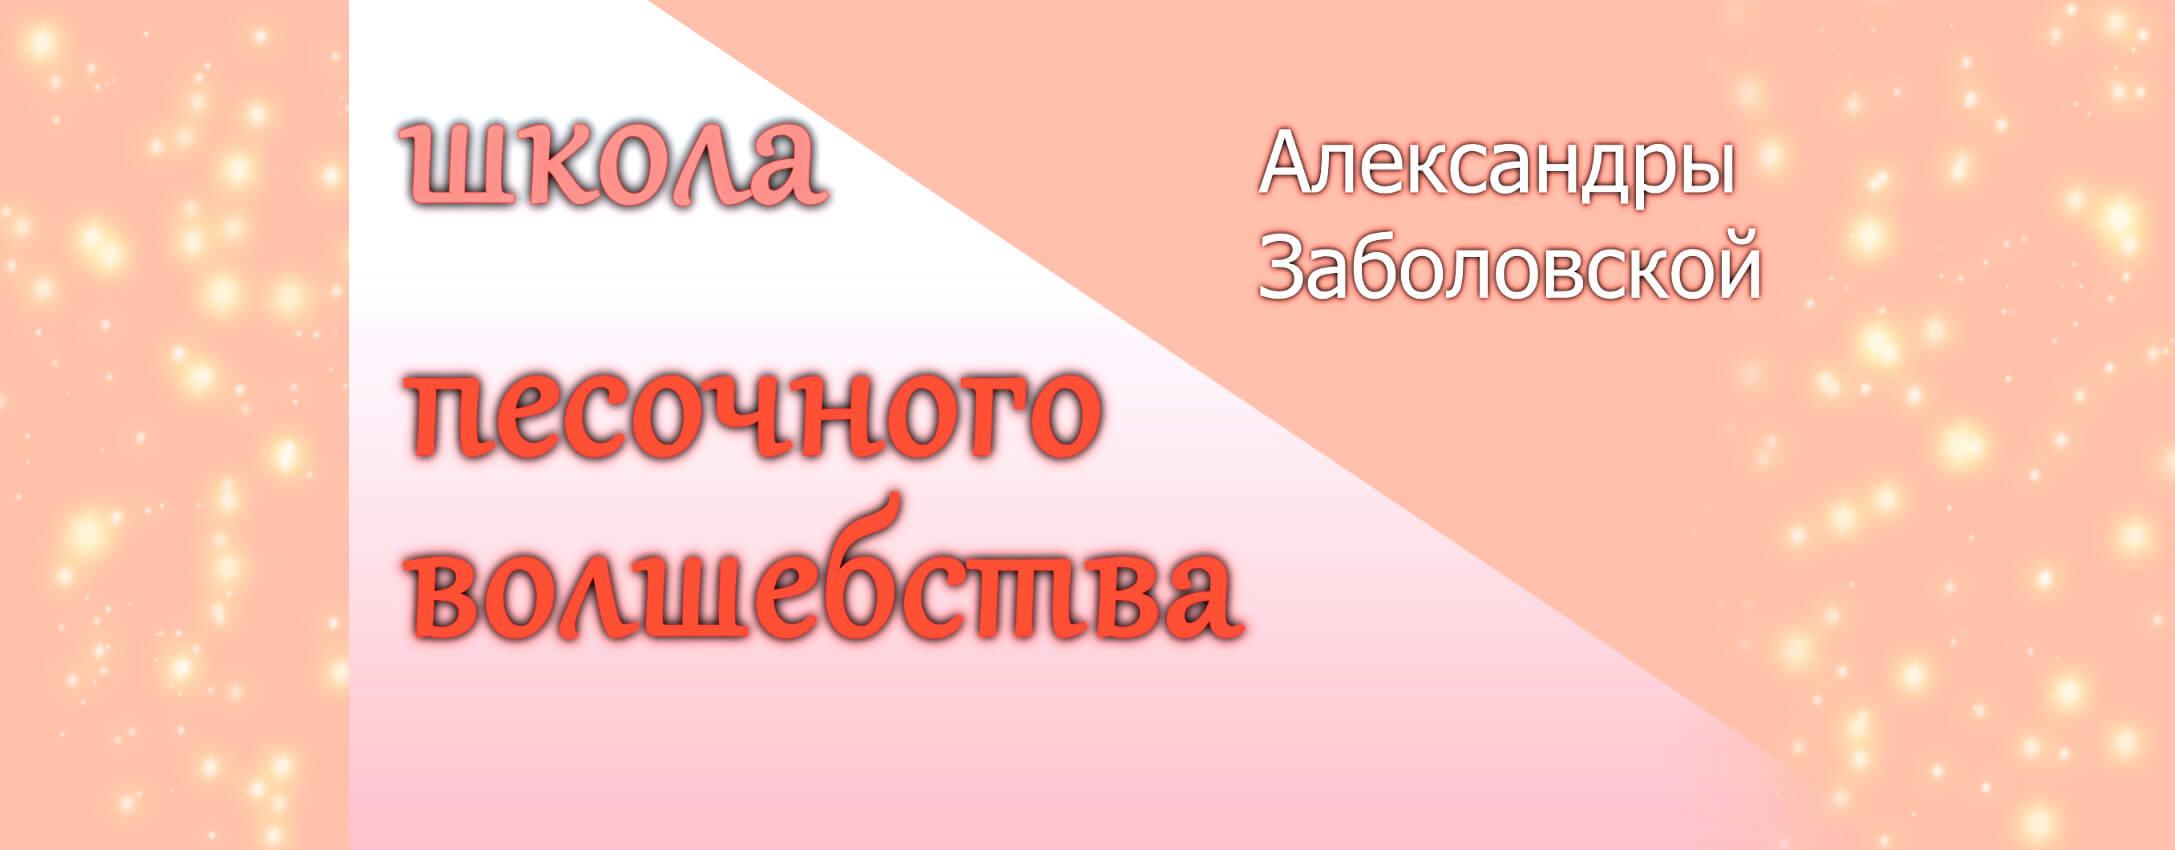 Школа Песочного Волшебства Александры Заболовской